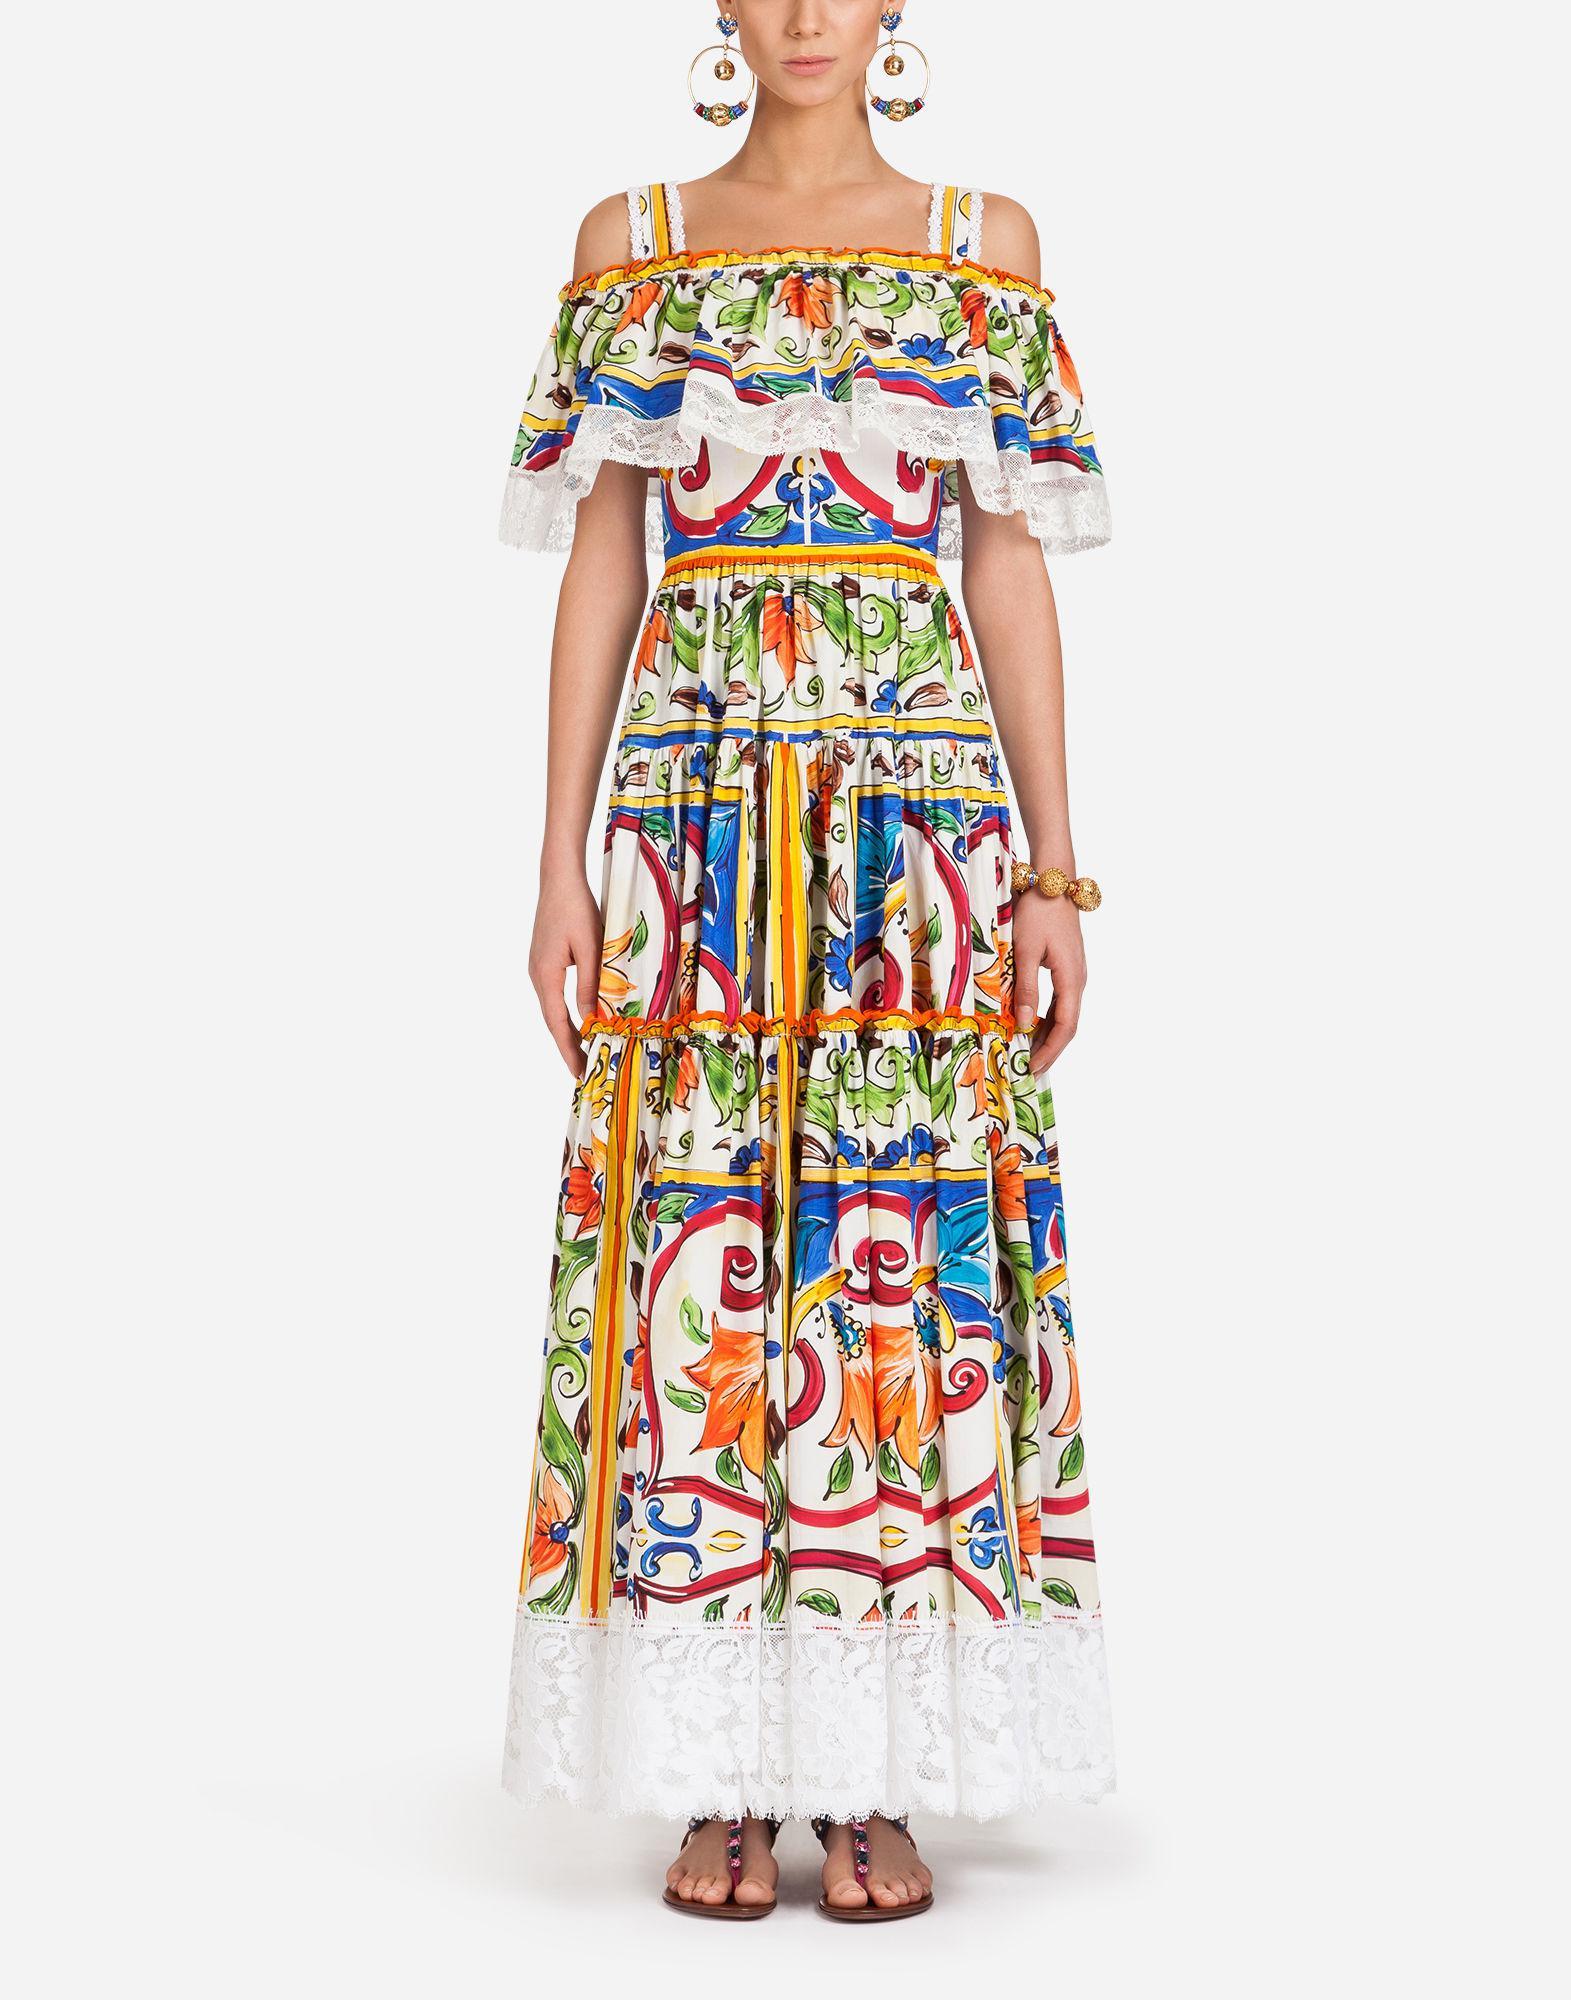 mosaic Majolica print dress - Multicolour Dolce & Gabbana Get To Buy Sale Online Amazon Cheap Online Original Sale Online hQFhFr5p